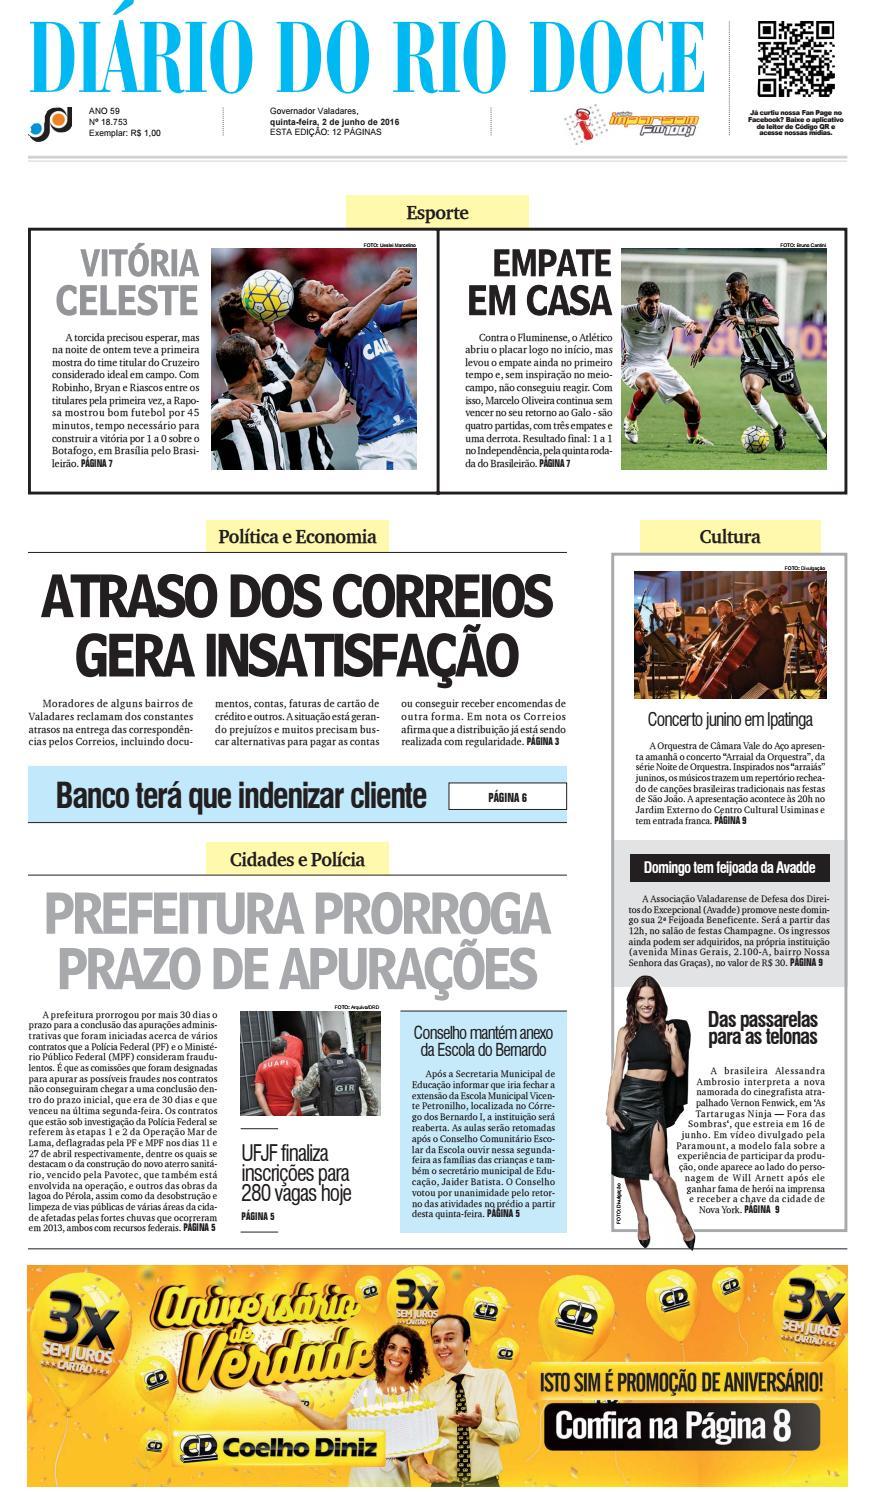 Diário do Rio Doce - Edição de 02 06 2016 by Diário do Rio Doce - issuu 98534c8e3d7dd